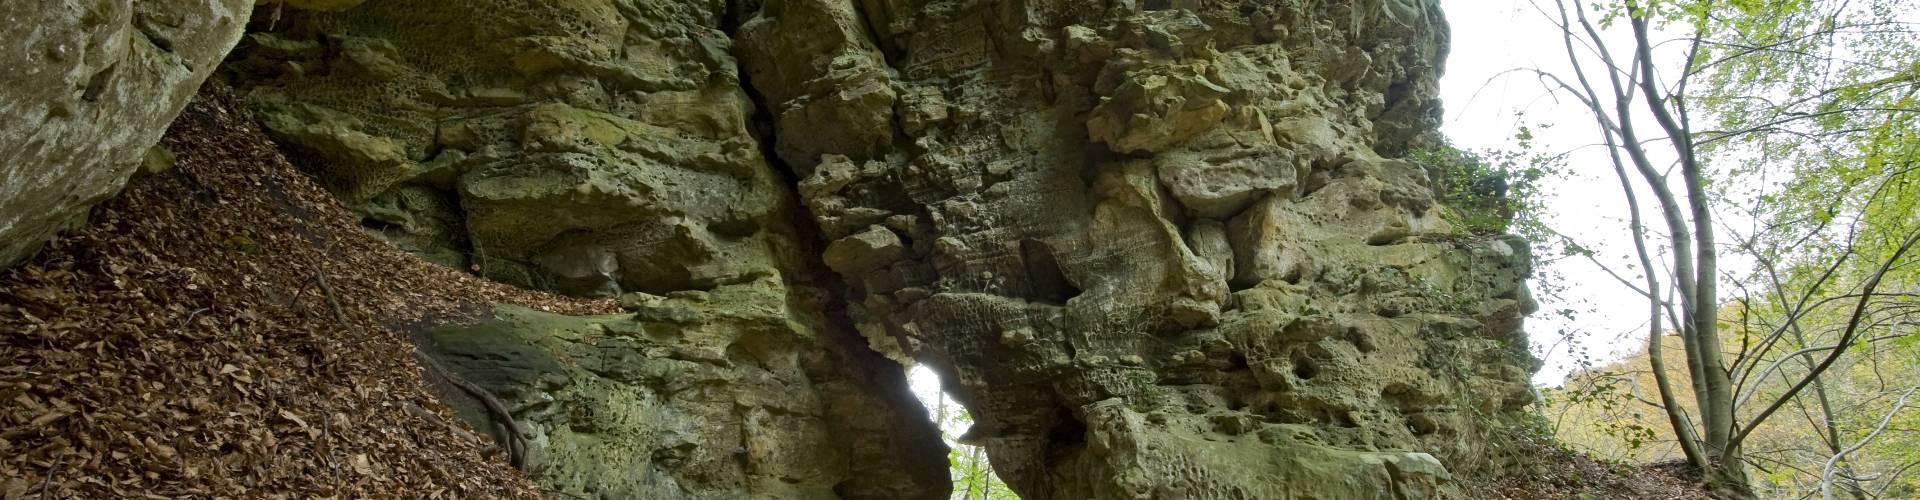 pierre haas n 6 hab0962